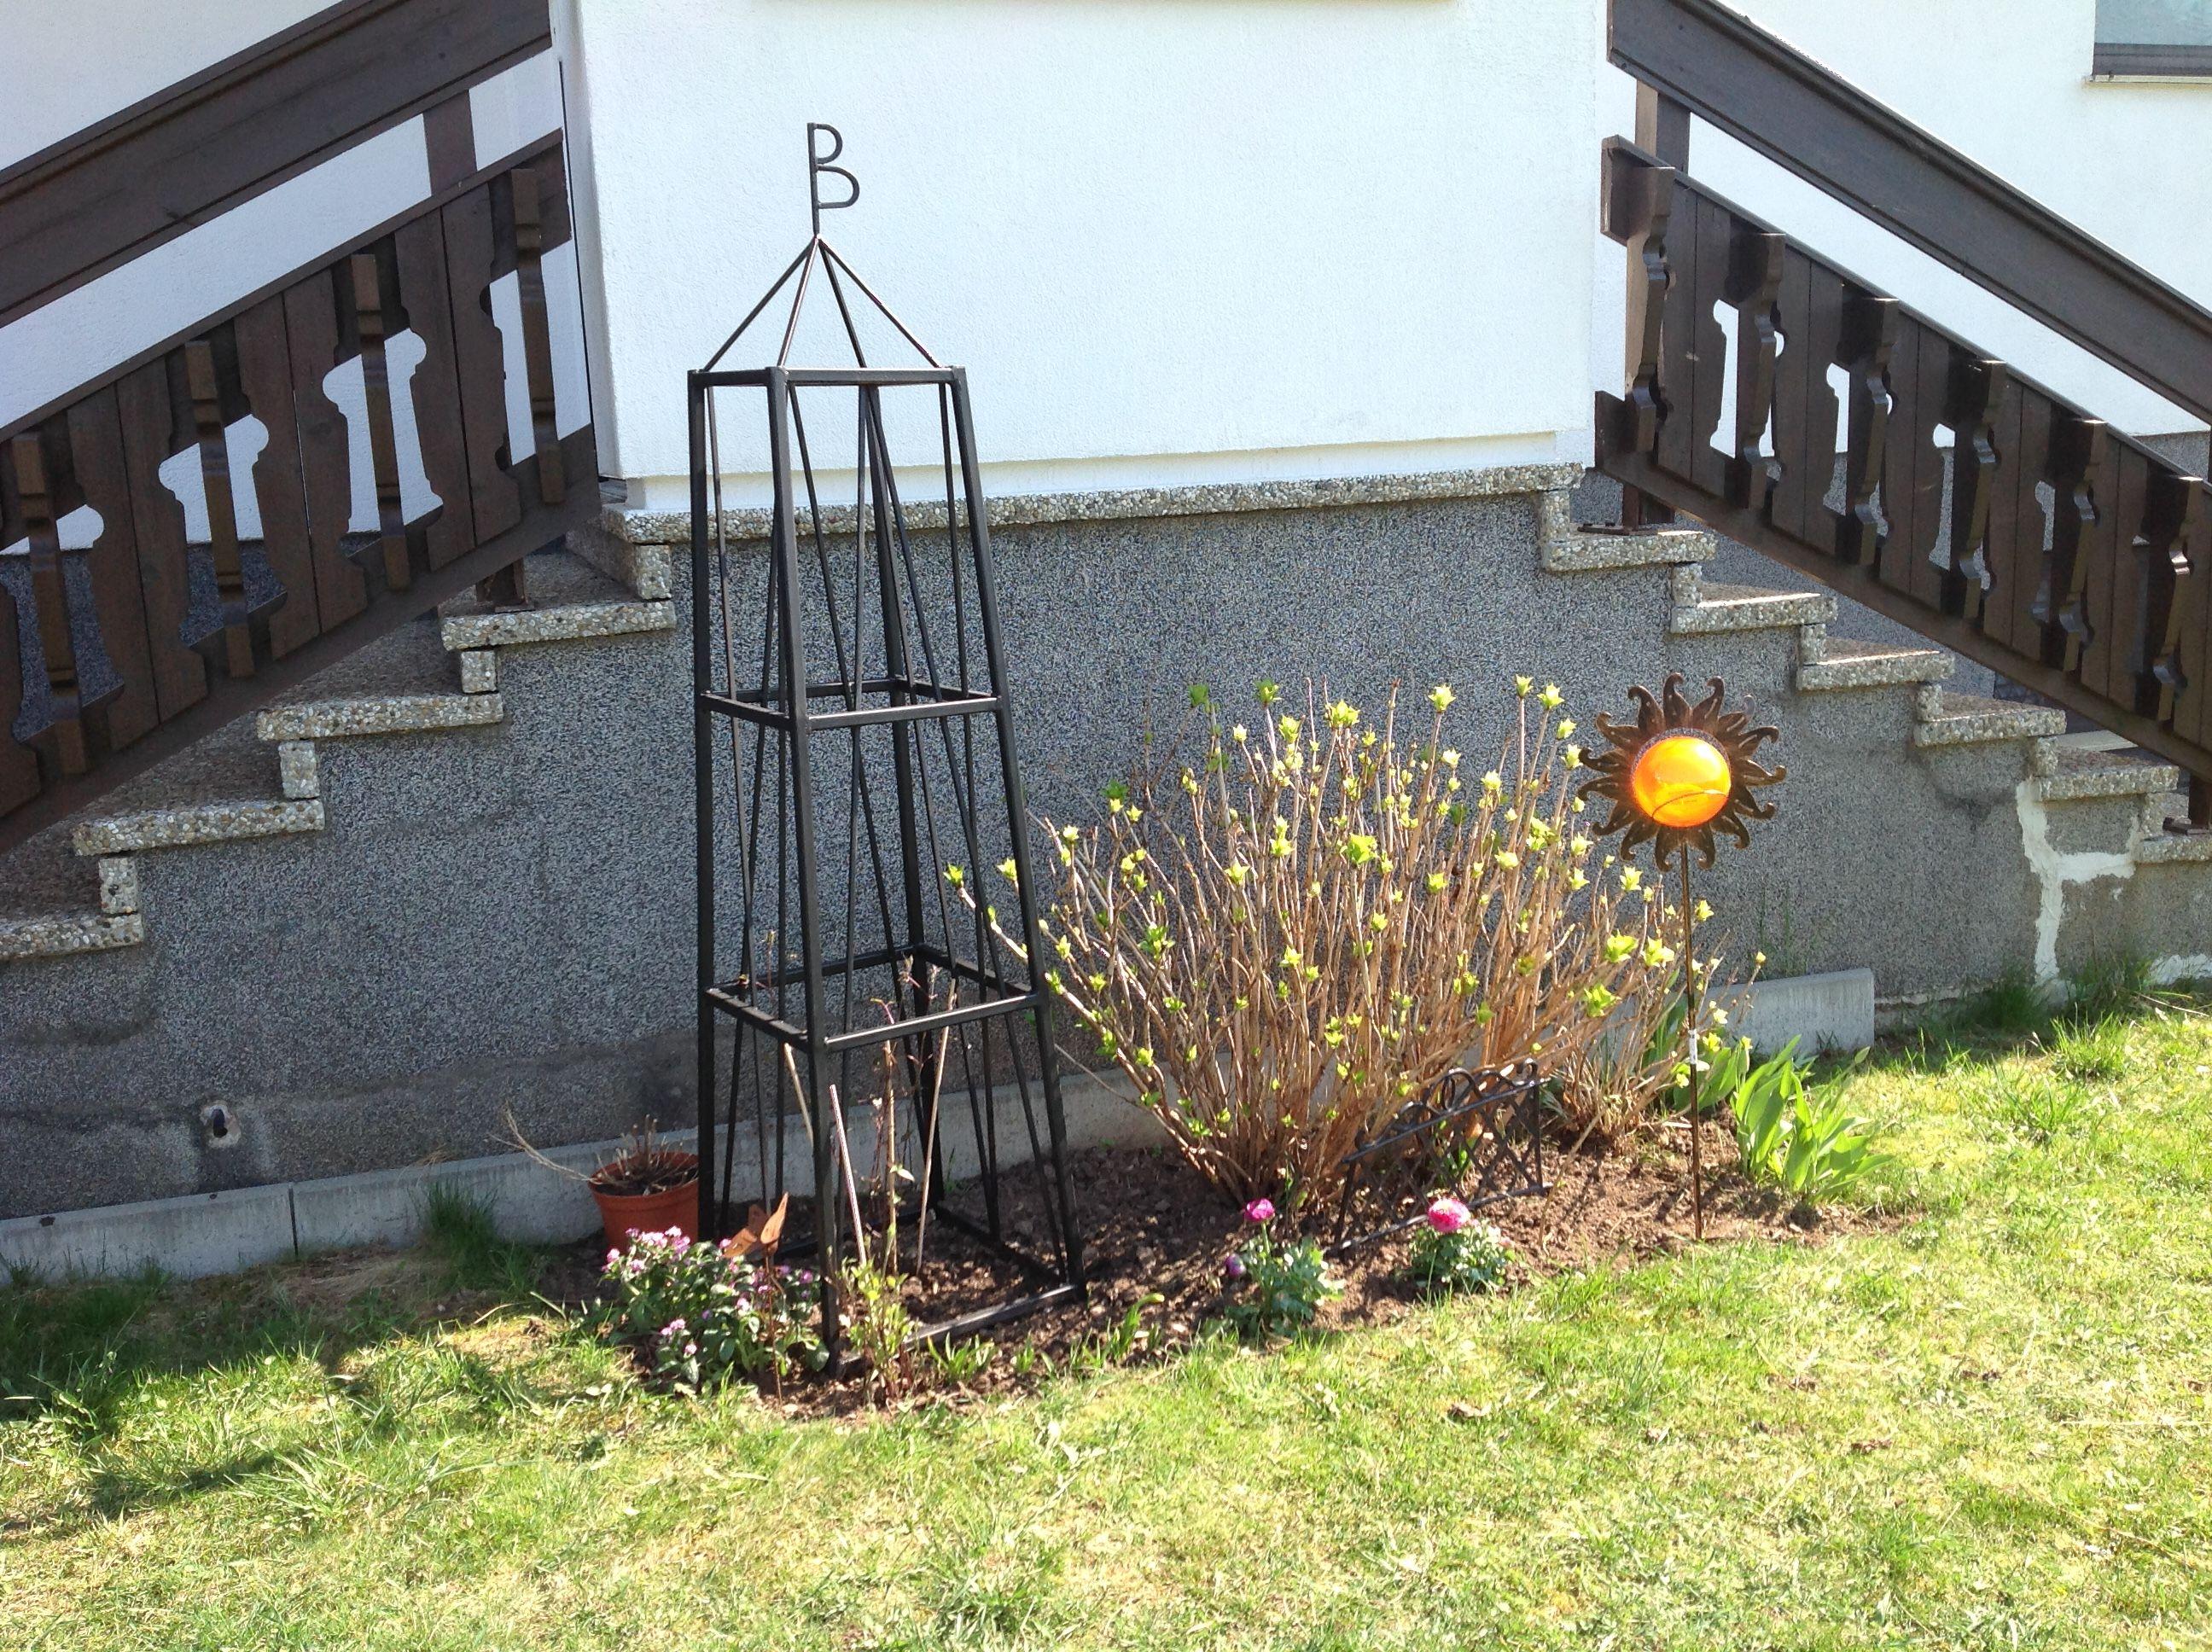 pagode selbst gebaut unser heim pinterest selber bauen und gestalten. Black Bedroom Furniture Sets. Home Design Ideas